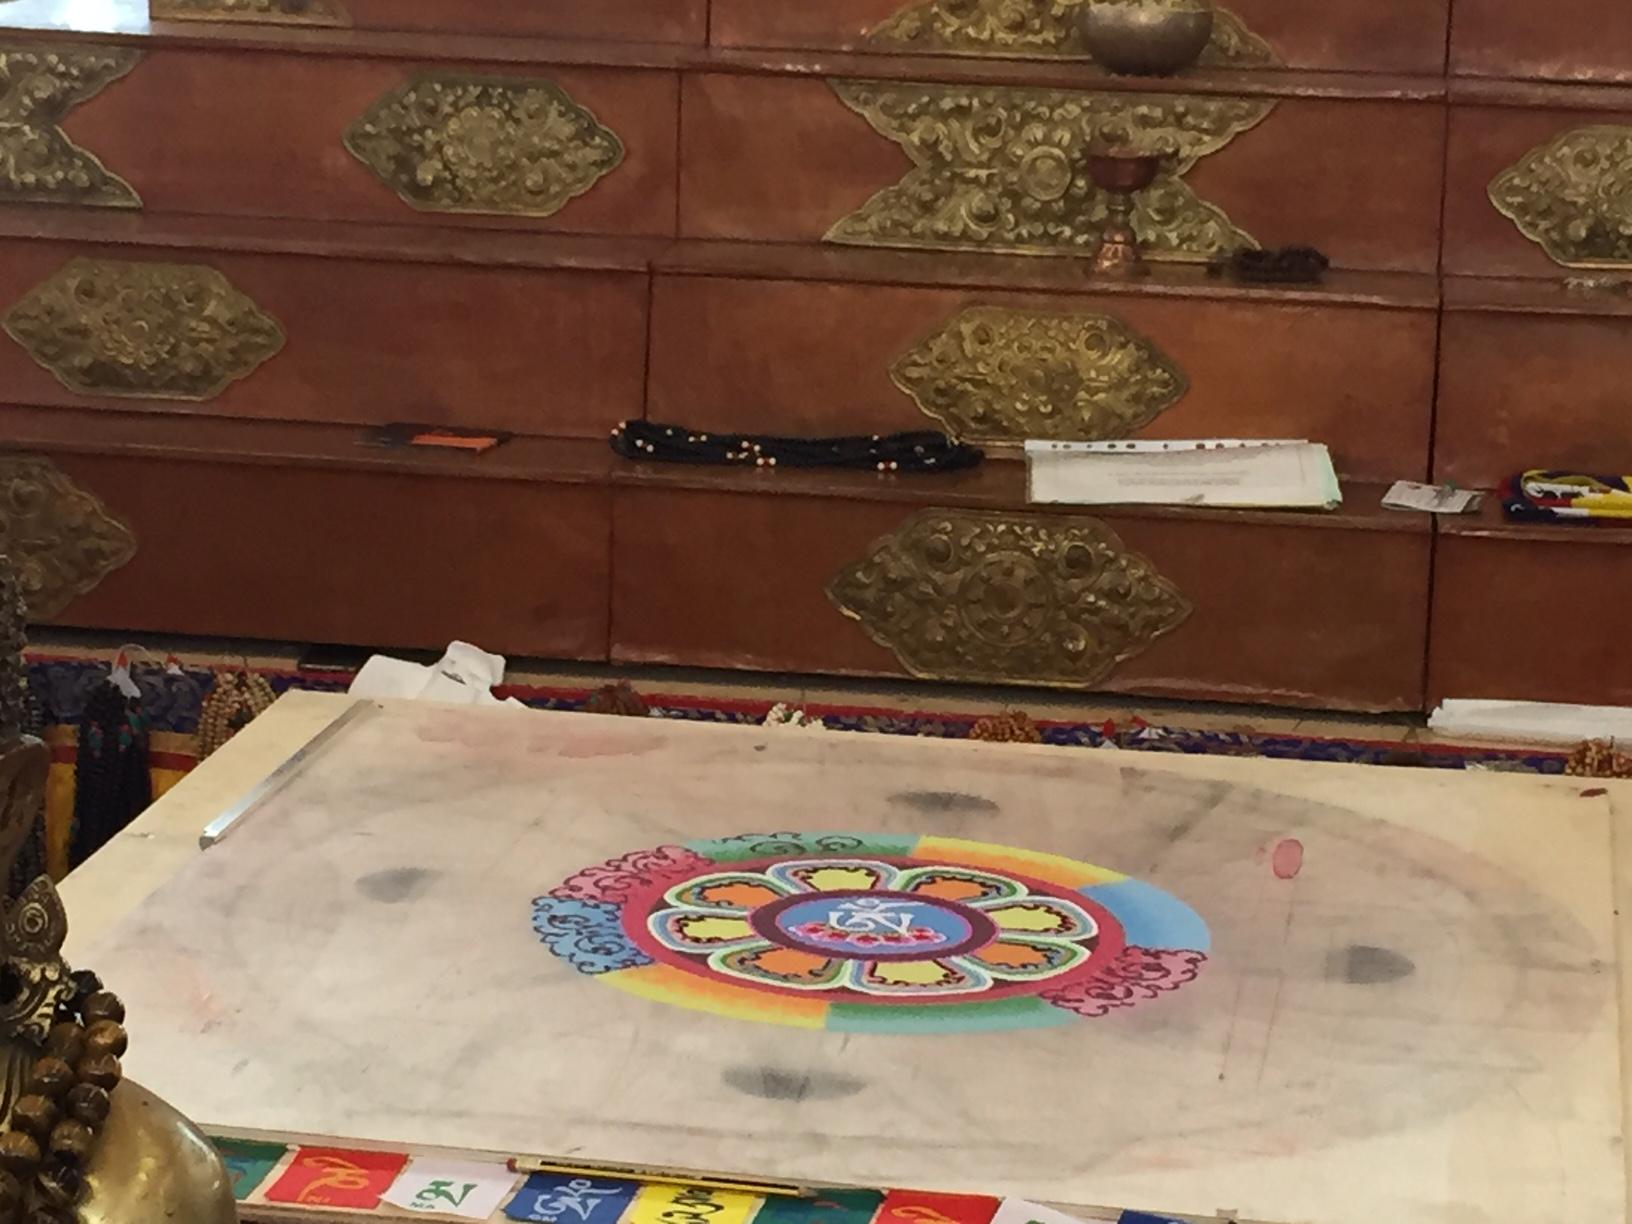 Ultimo giorno del Festival dell'Oriente, chiuso simbolicamente con la distruzione del mandala